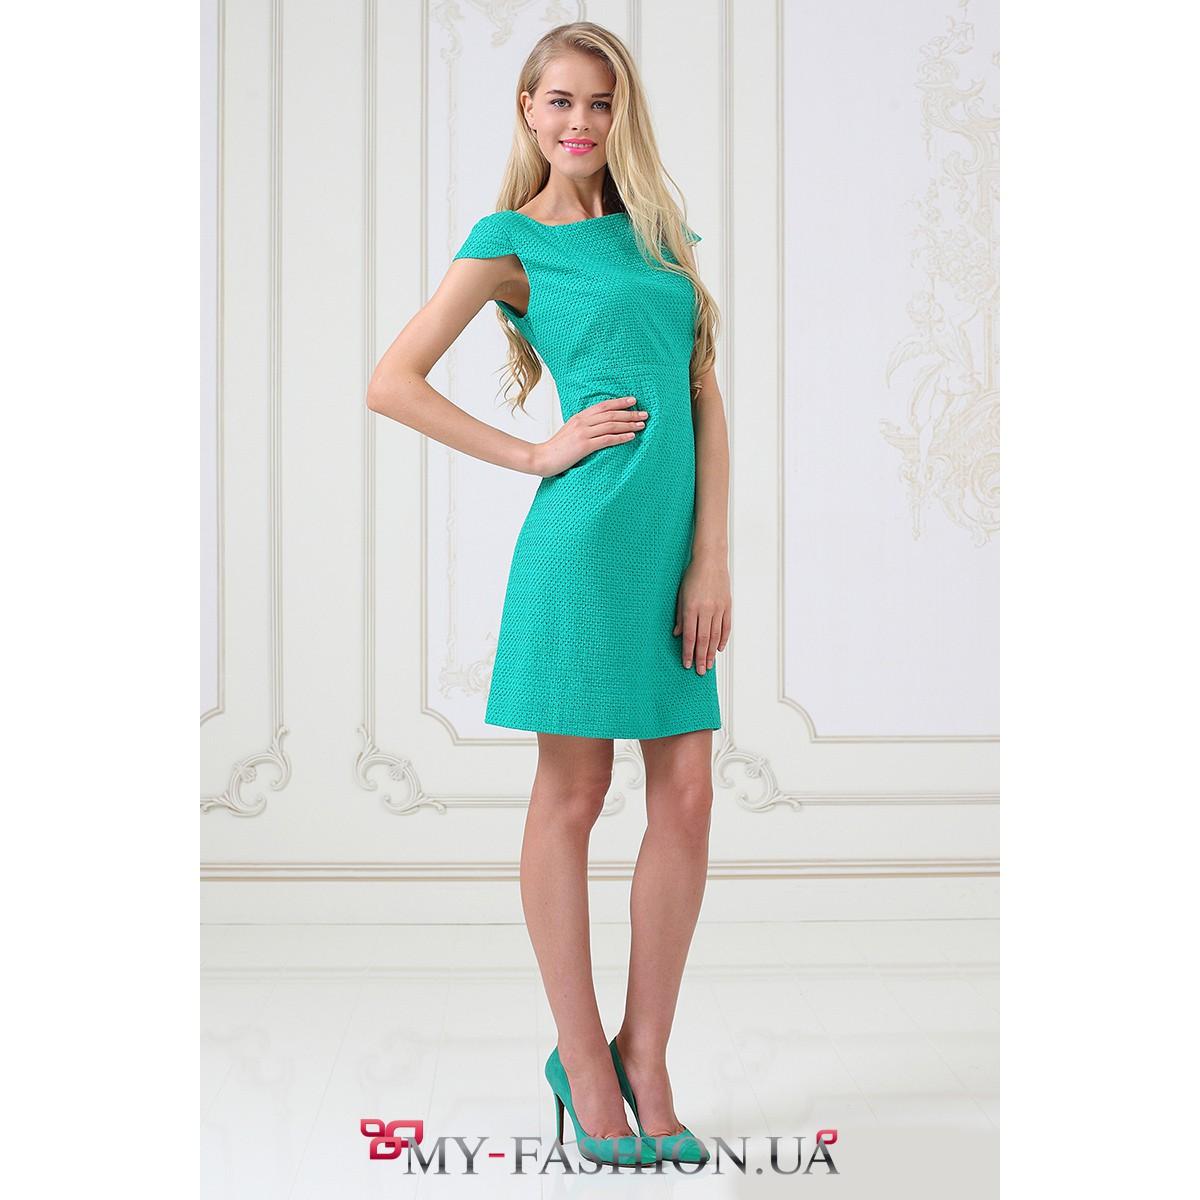 Купит Платье Онлайн